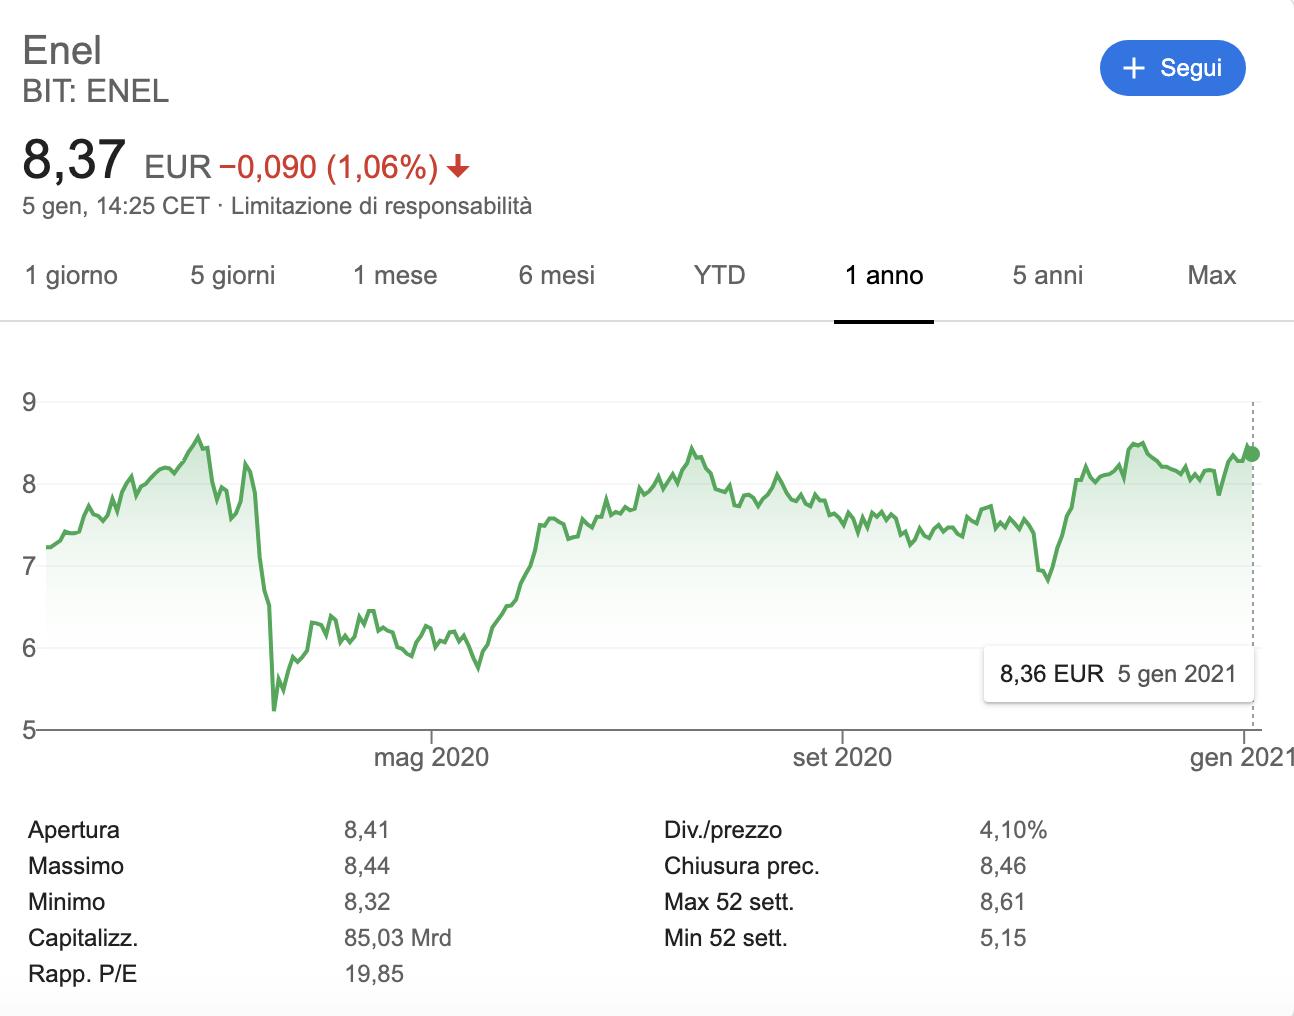 enel valore azionario